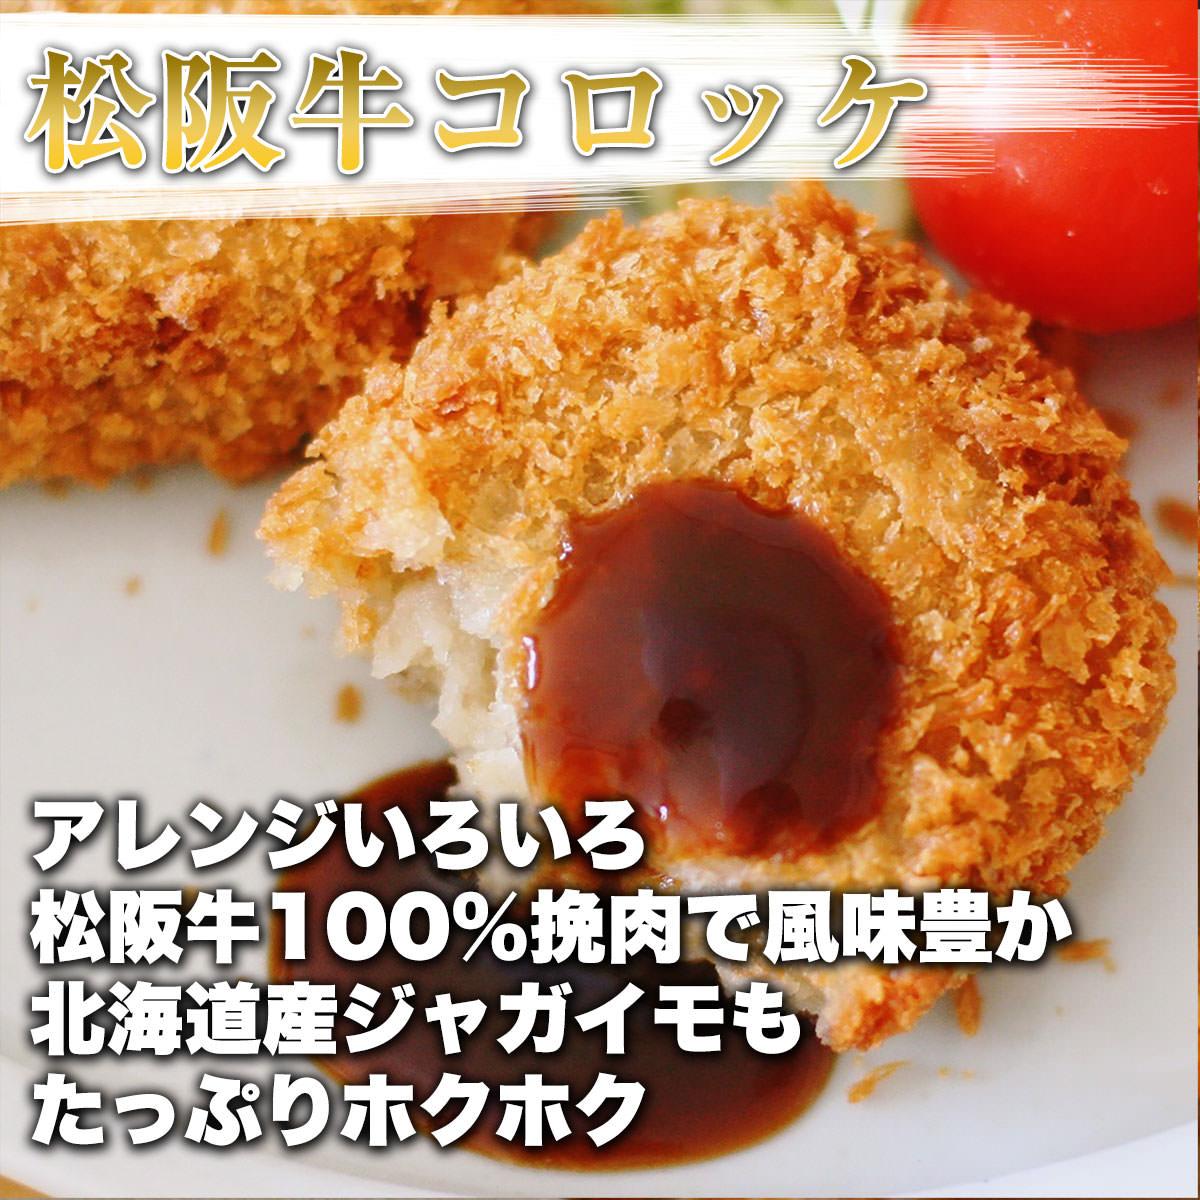 松阪牛お惣菜デラックス Bセット